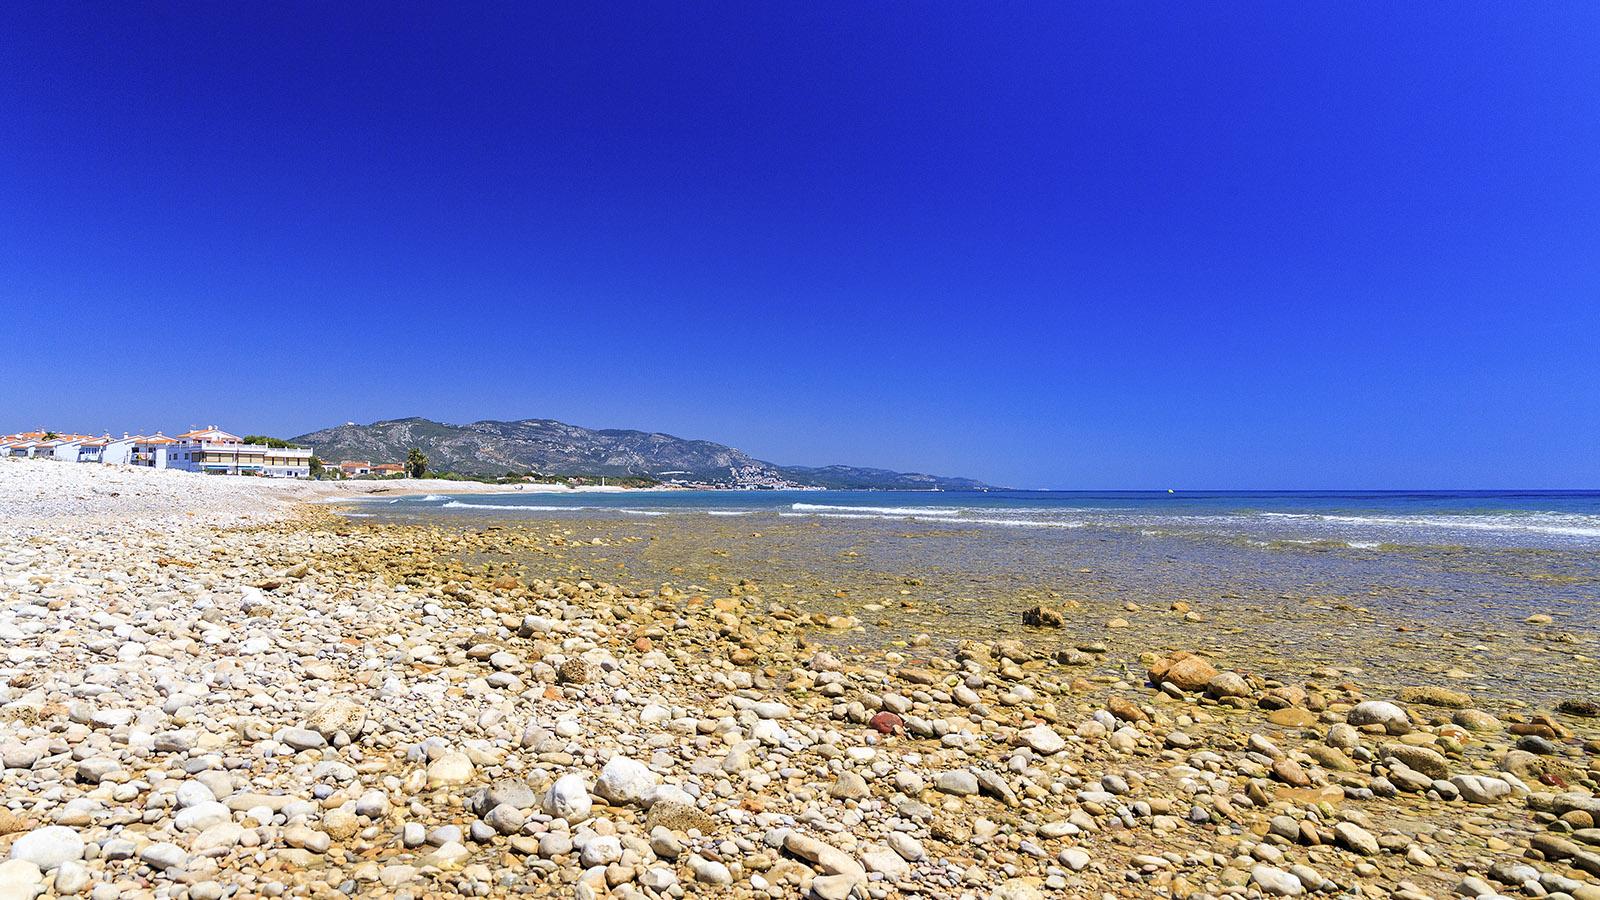 Turismo-Alcossebre-Playa-del-Serradal-Alcossebre